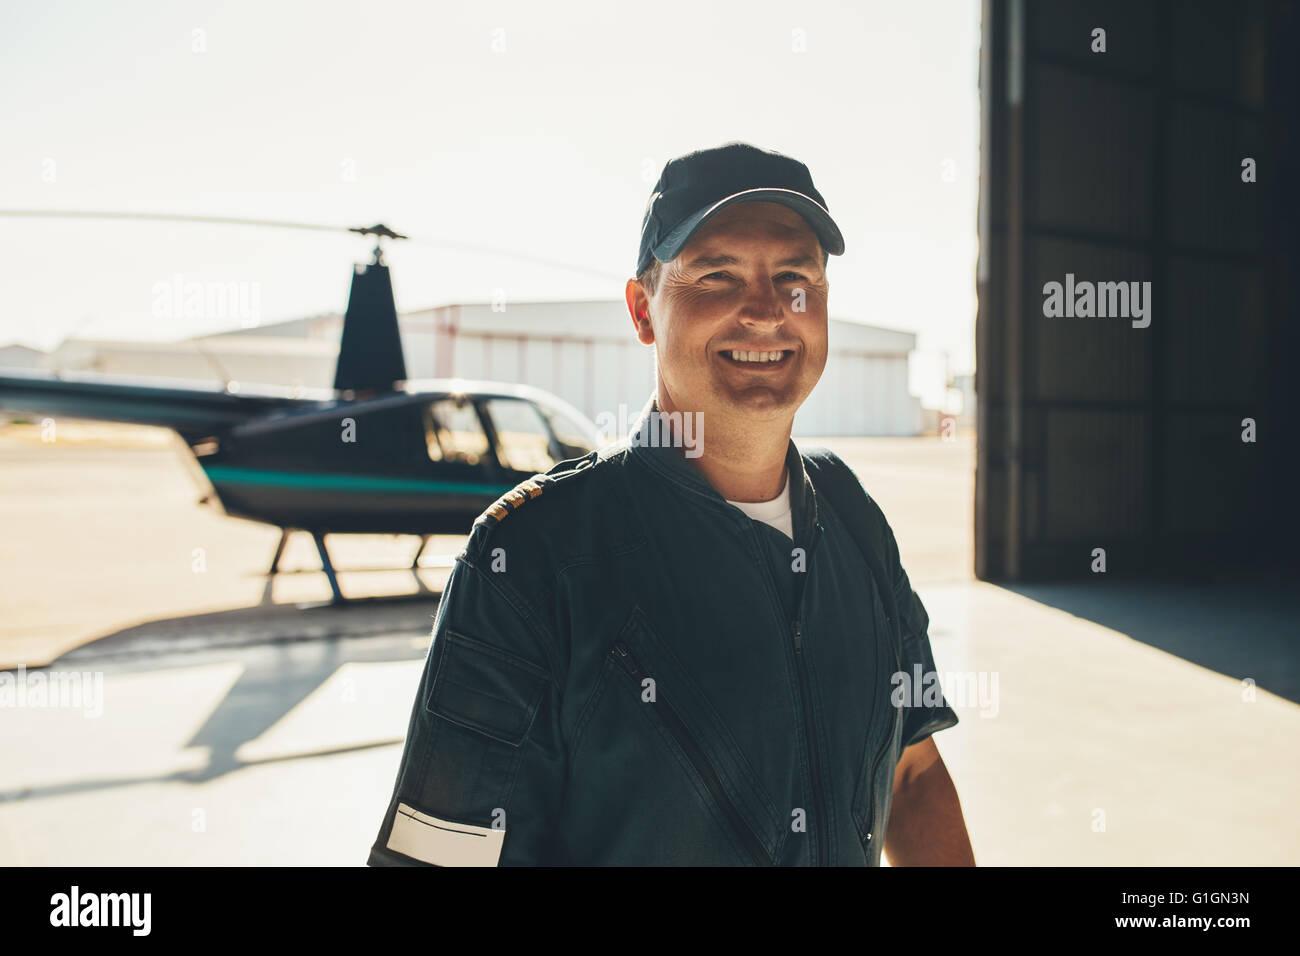 Porträt von glücklich männliche Piloten stehen im Flugzeughangar mit einem Hubschrauber im Hintergrund Stockbild